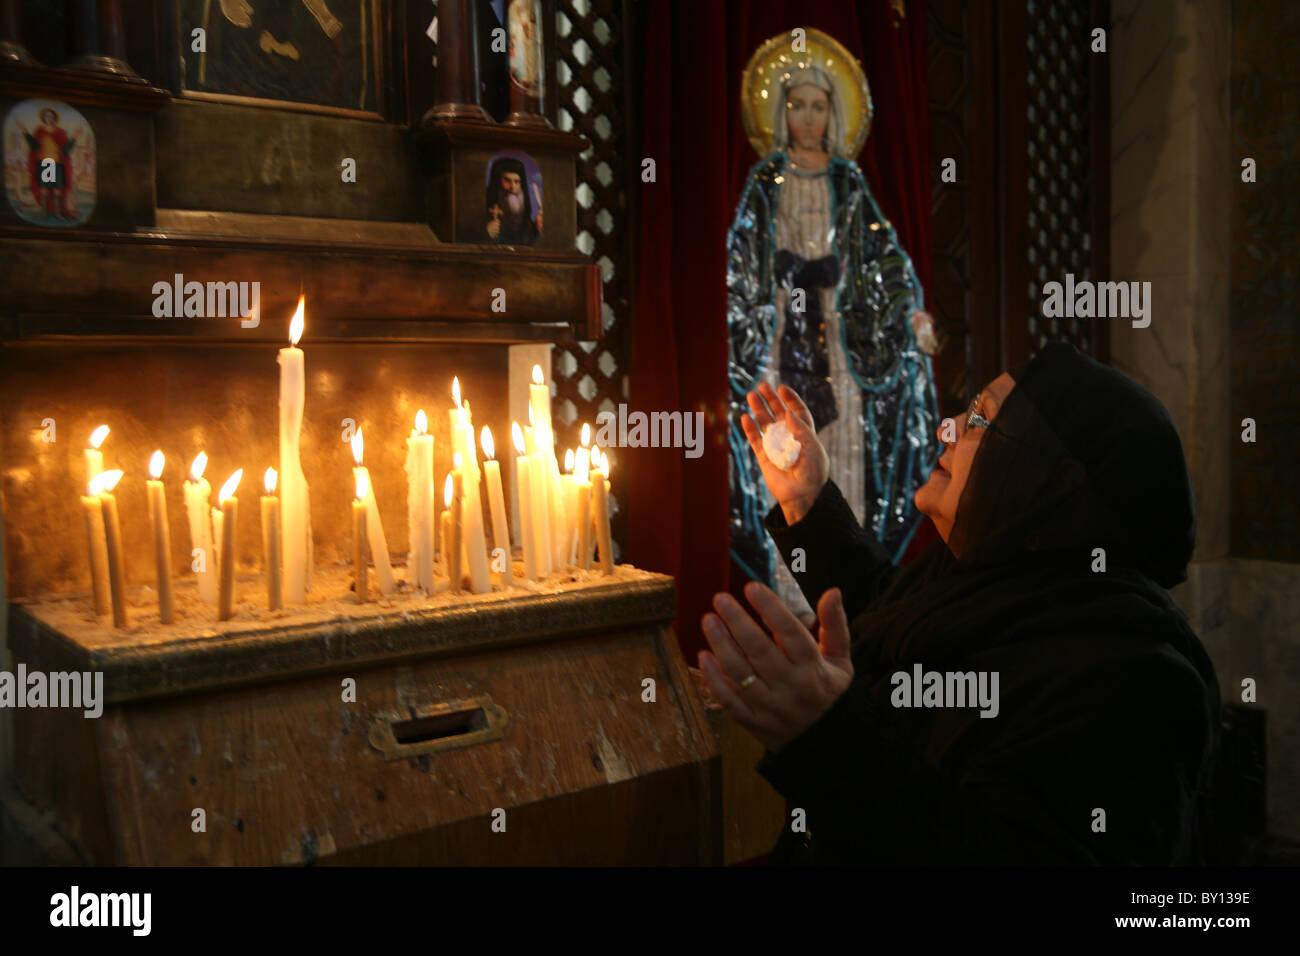 Alte ägyptische Frau betet in Zeitoun koptischen christlichen Kirche in Kairo Ägypten Stockfoto